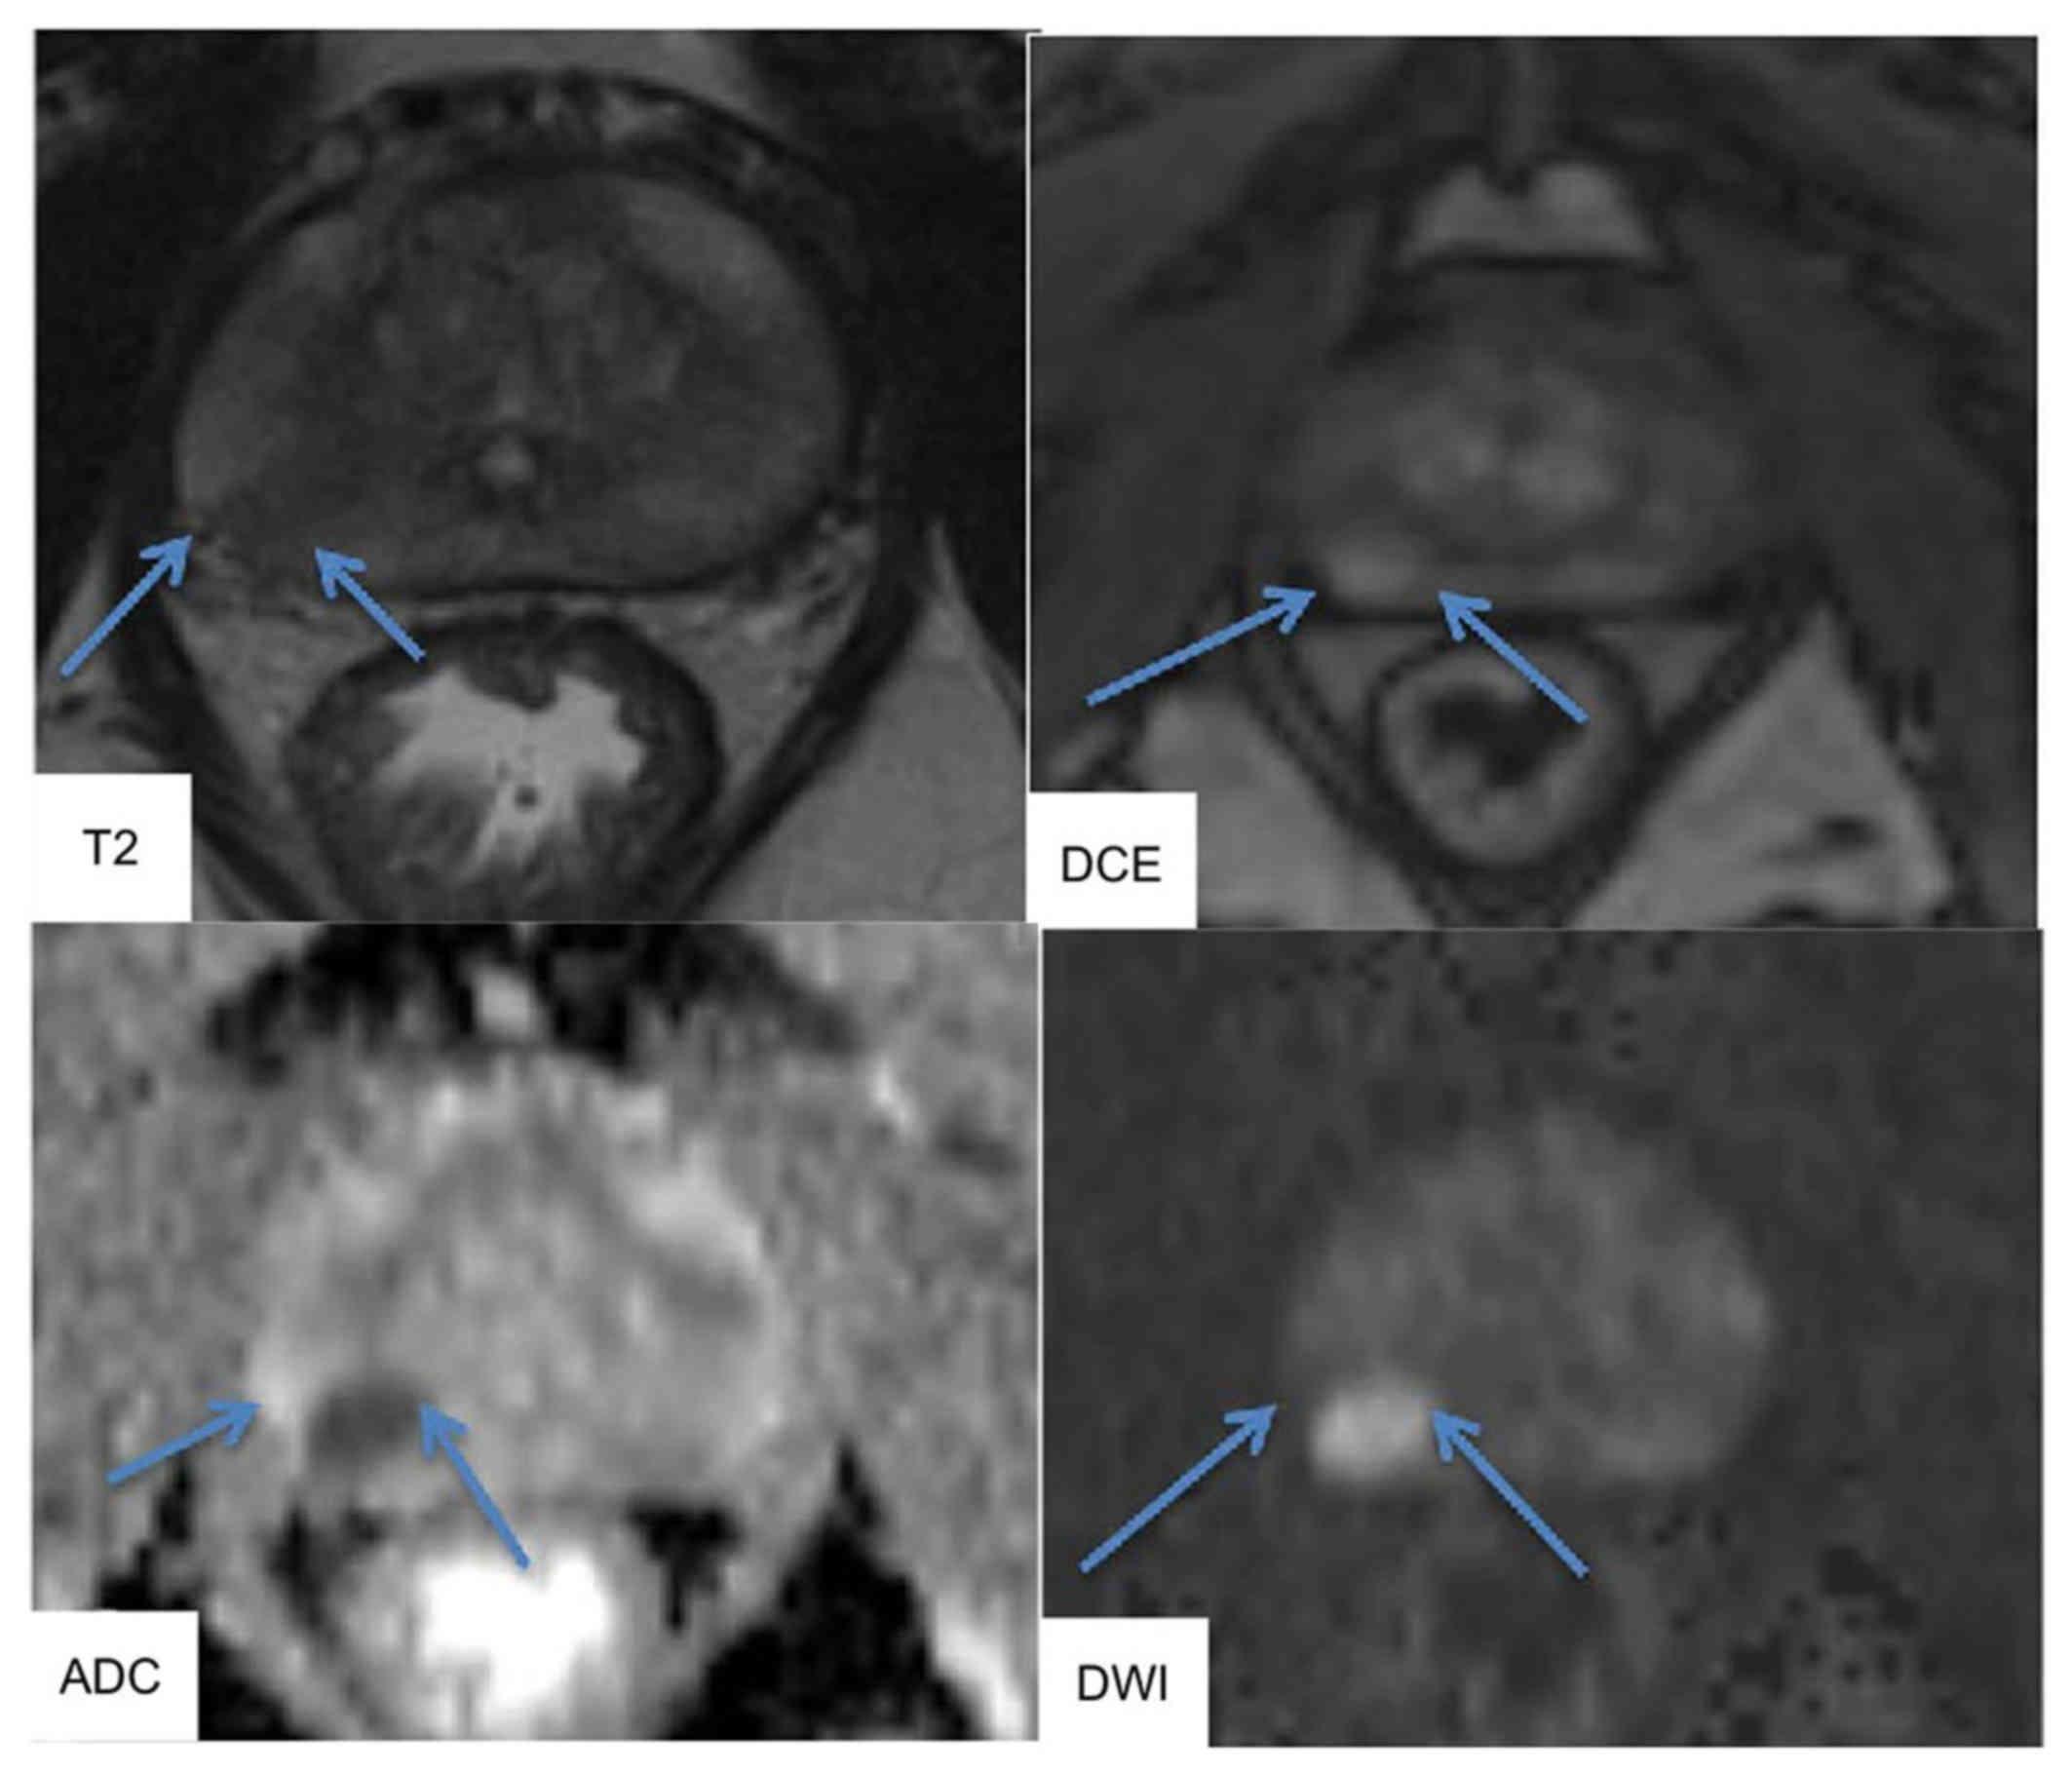 prostata dwi